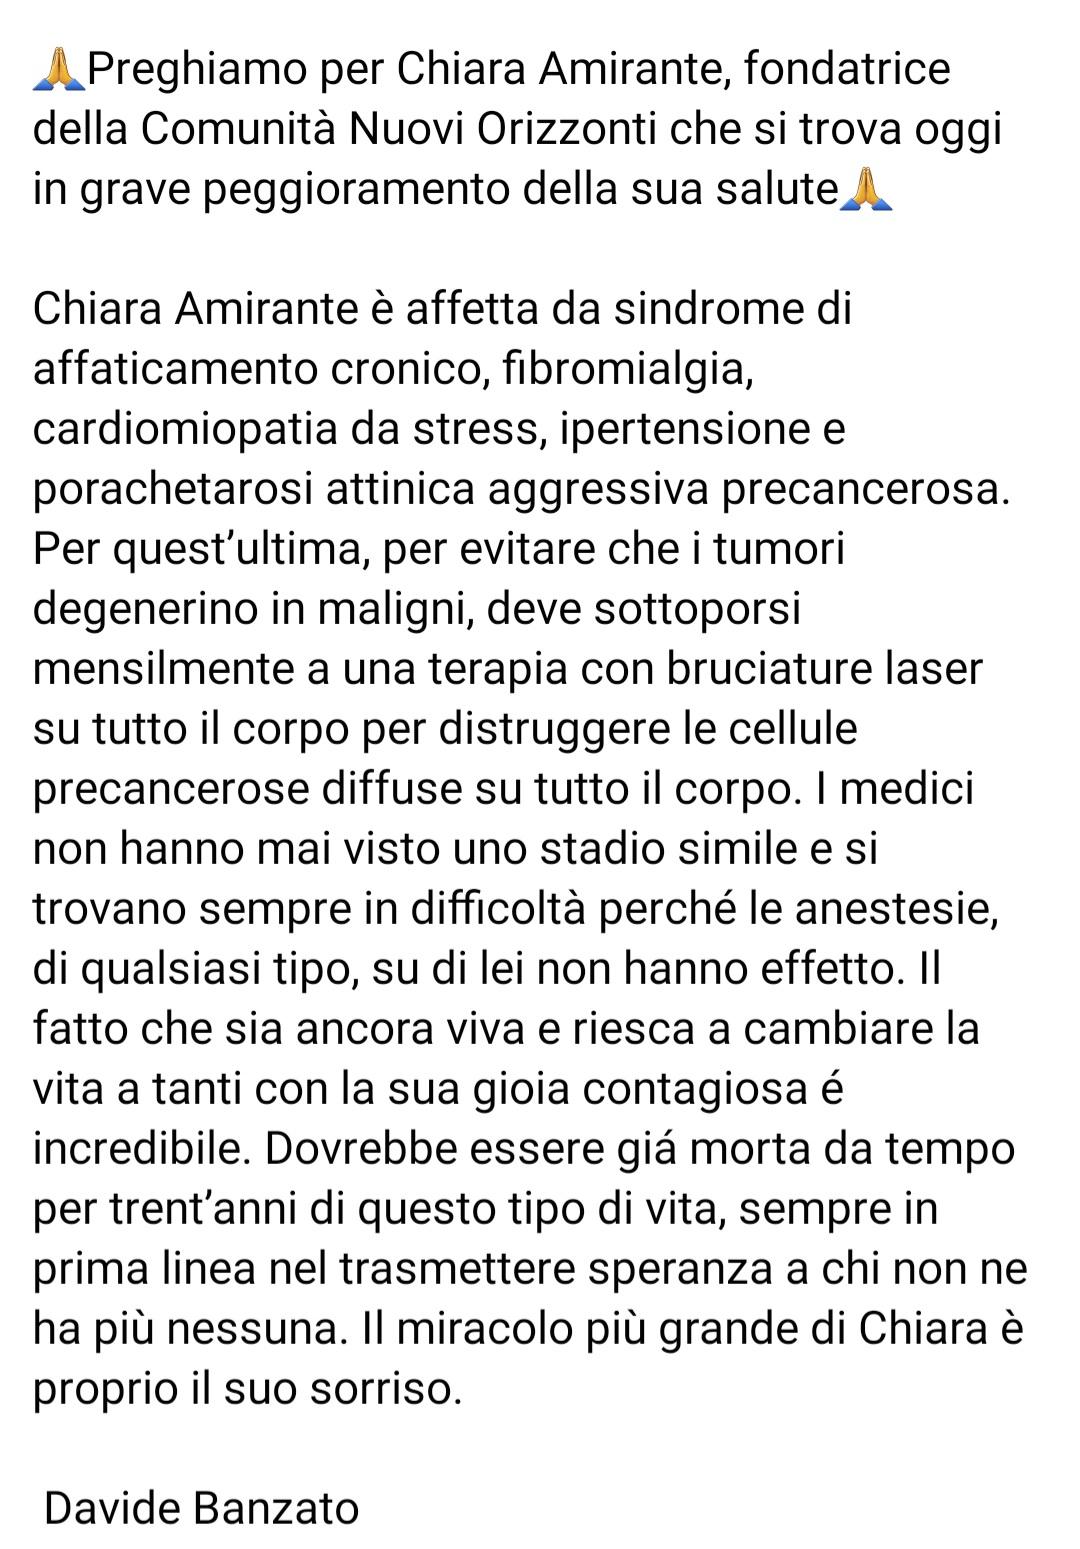 Preghiamo per Chiara Amirante: la donna del sorriso